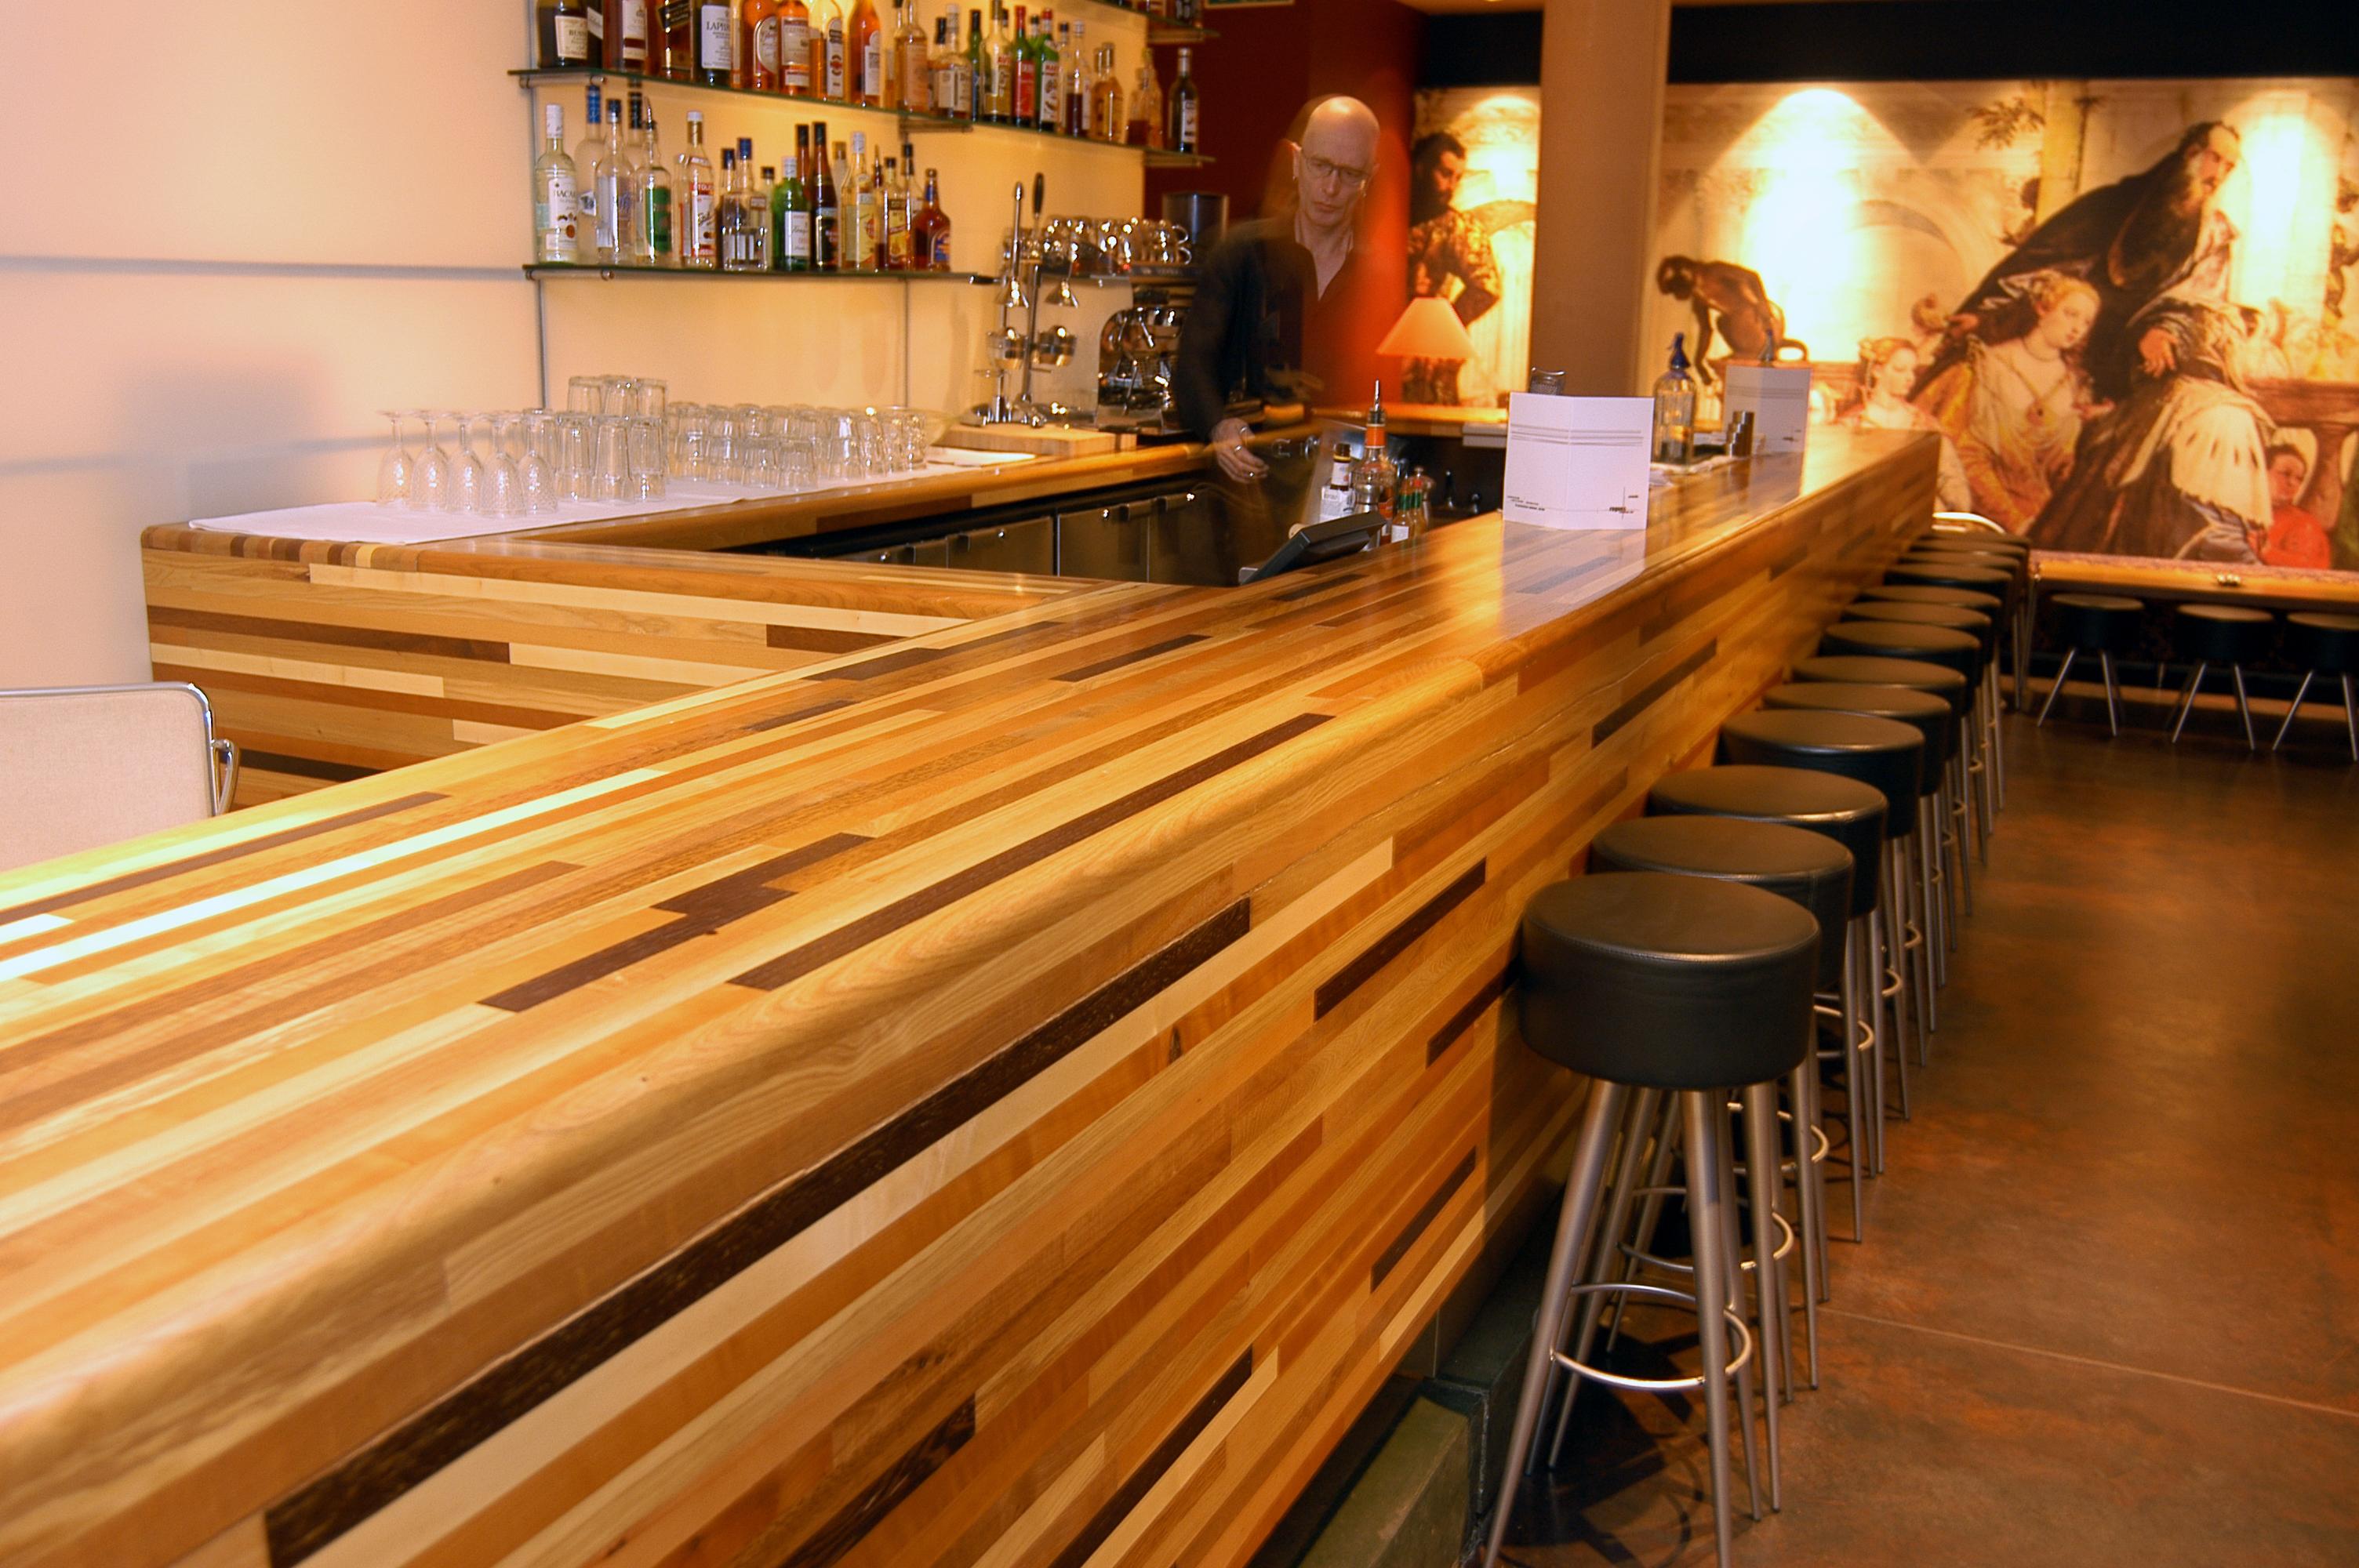 Rogue Restaurant & Bar